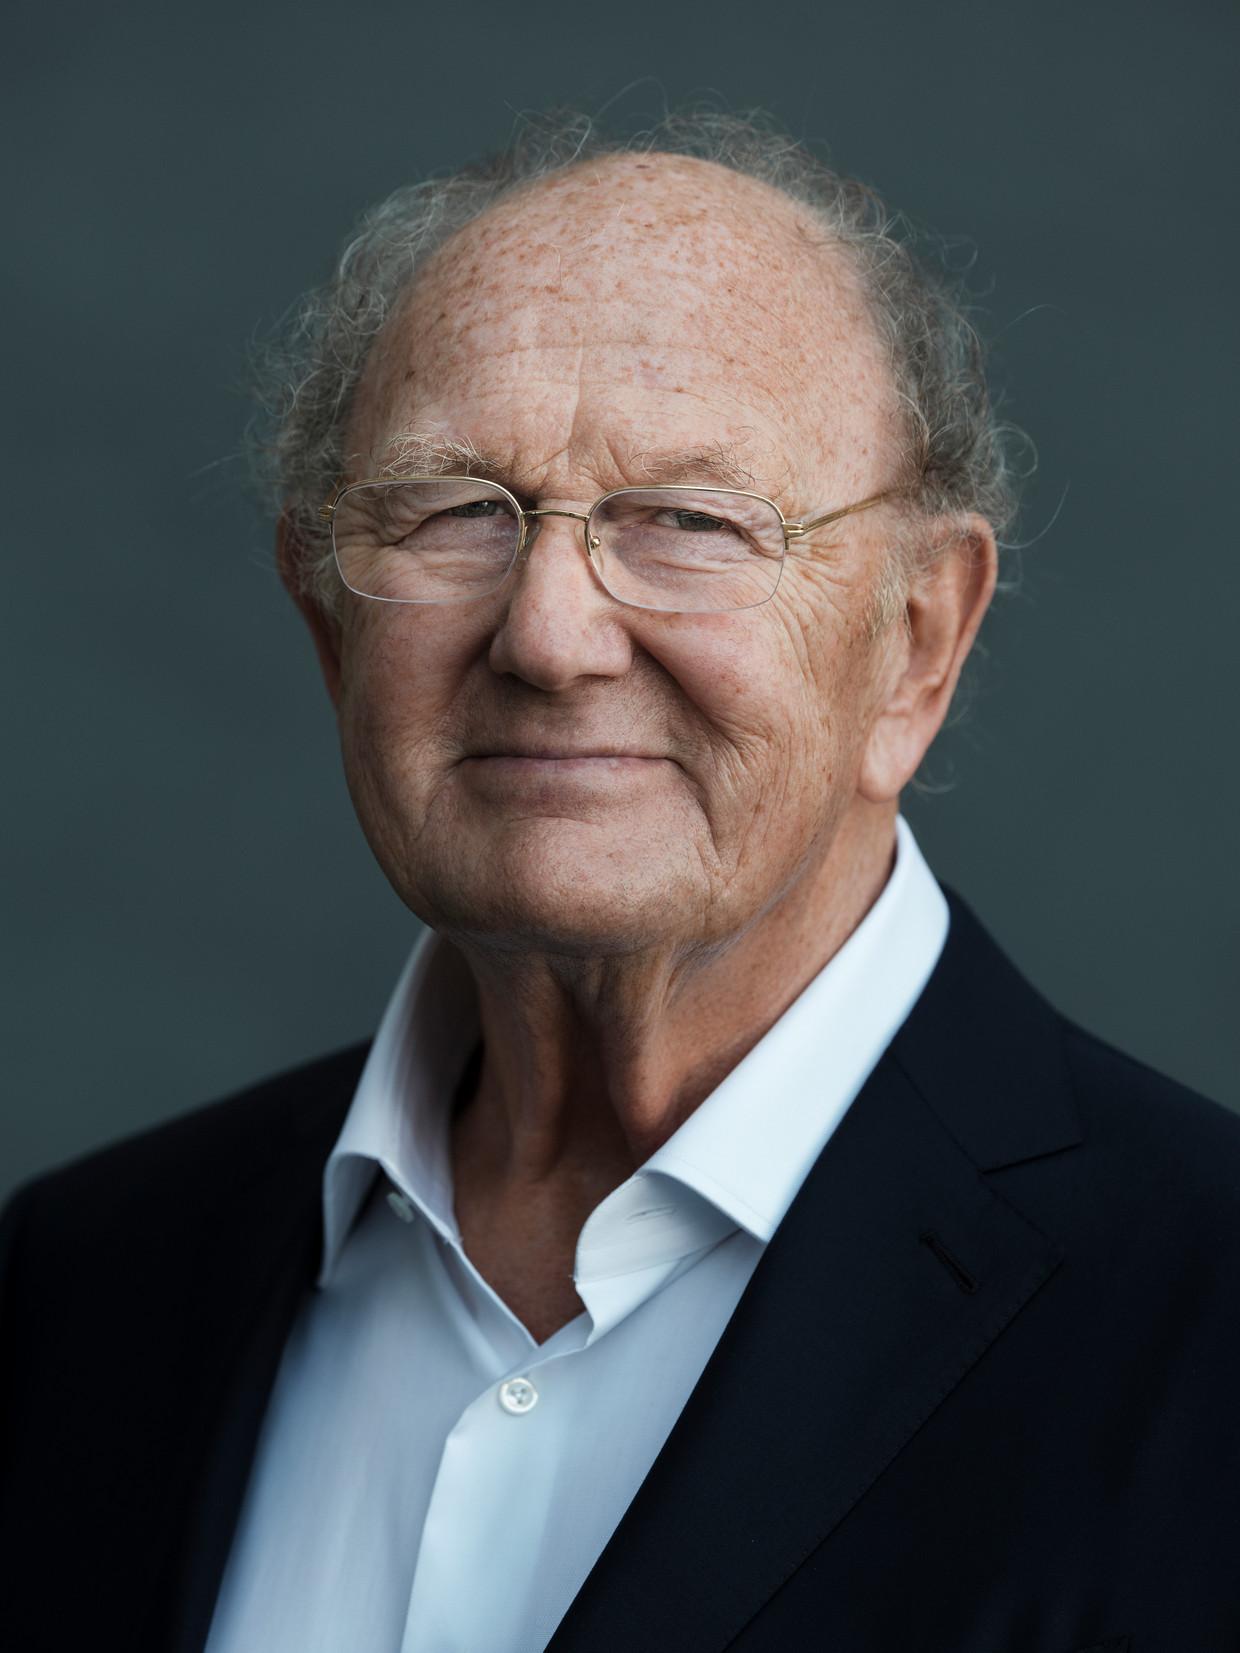 Joop van den Ende: 'Ik verwacht dat er in september 2021 een vaccin is, en dan lopen de zalen weer vol.'  Beeld Frank Ruiter